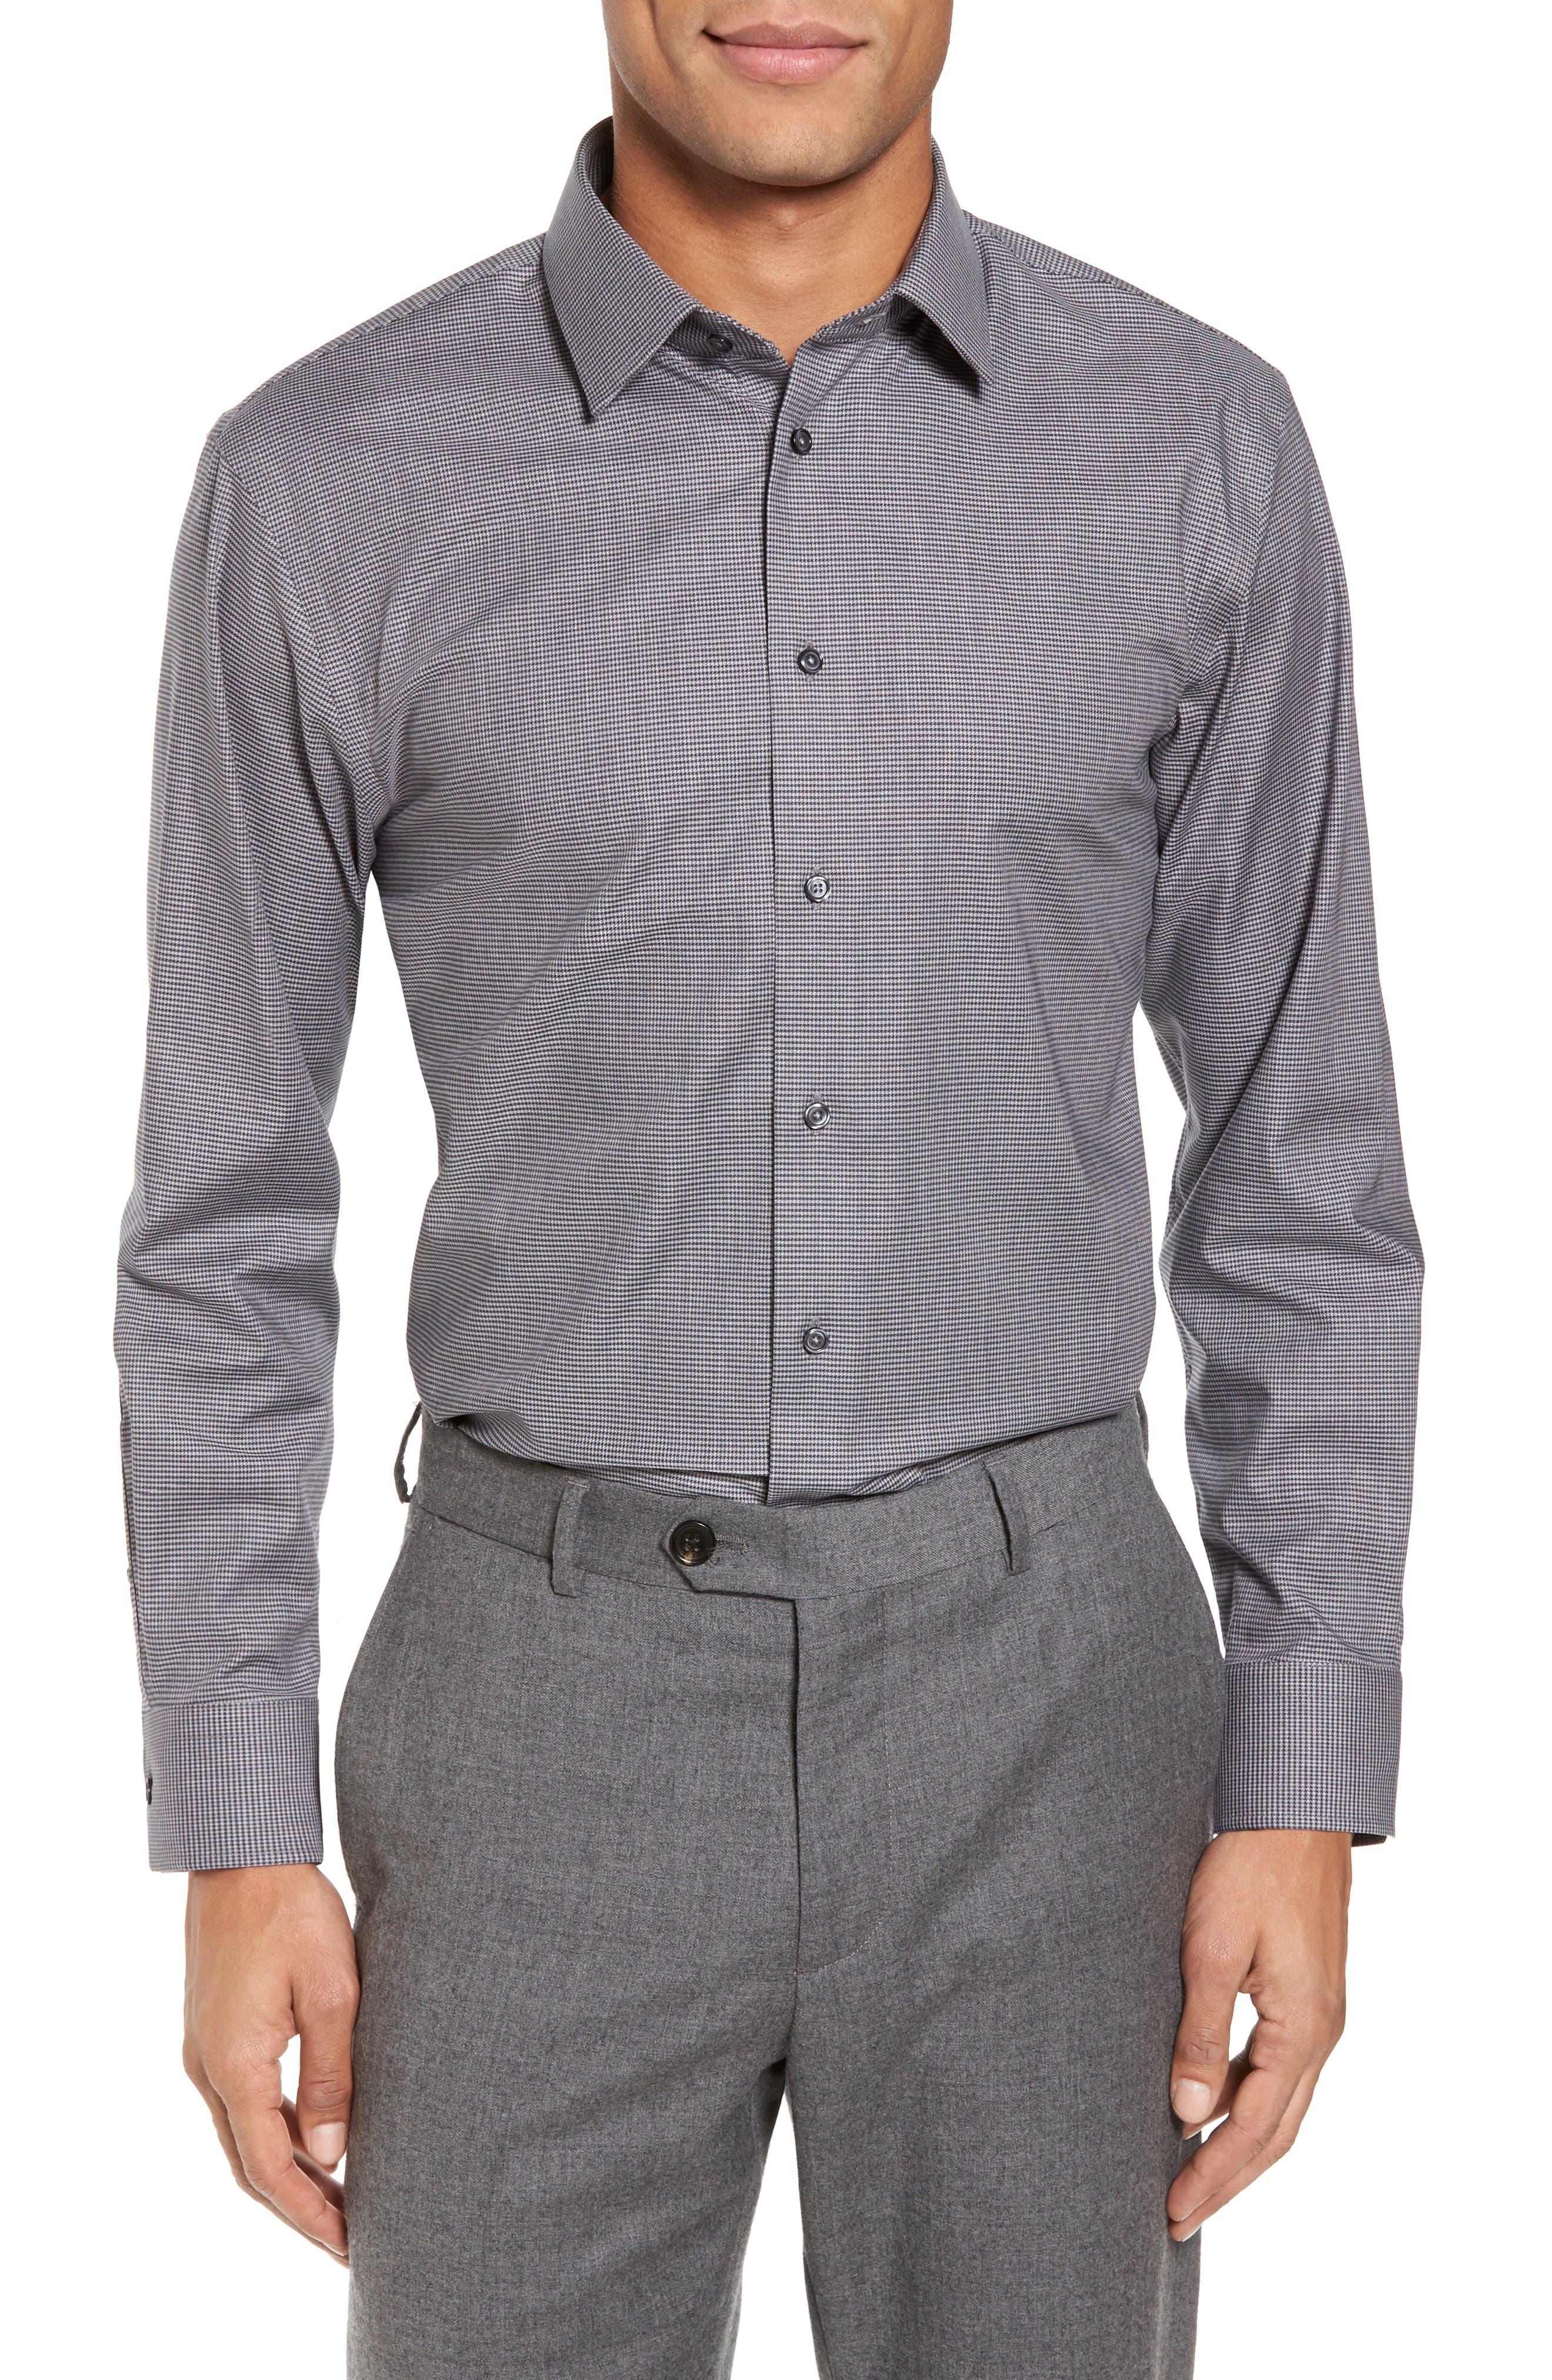 Trim Fit No-Iron Micro Houndstooth Stretch Dress Shirt,                         Main,                         color, 021